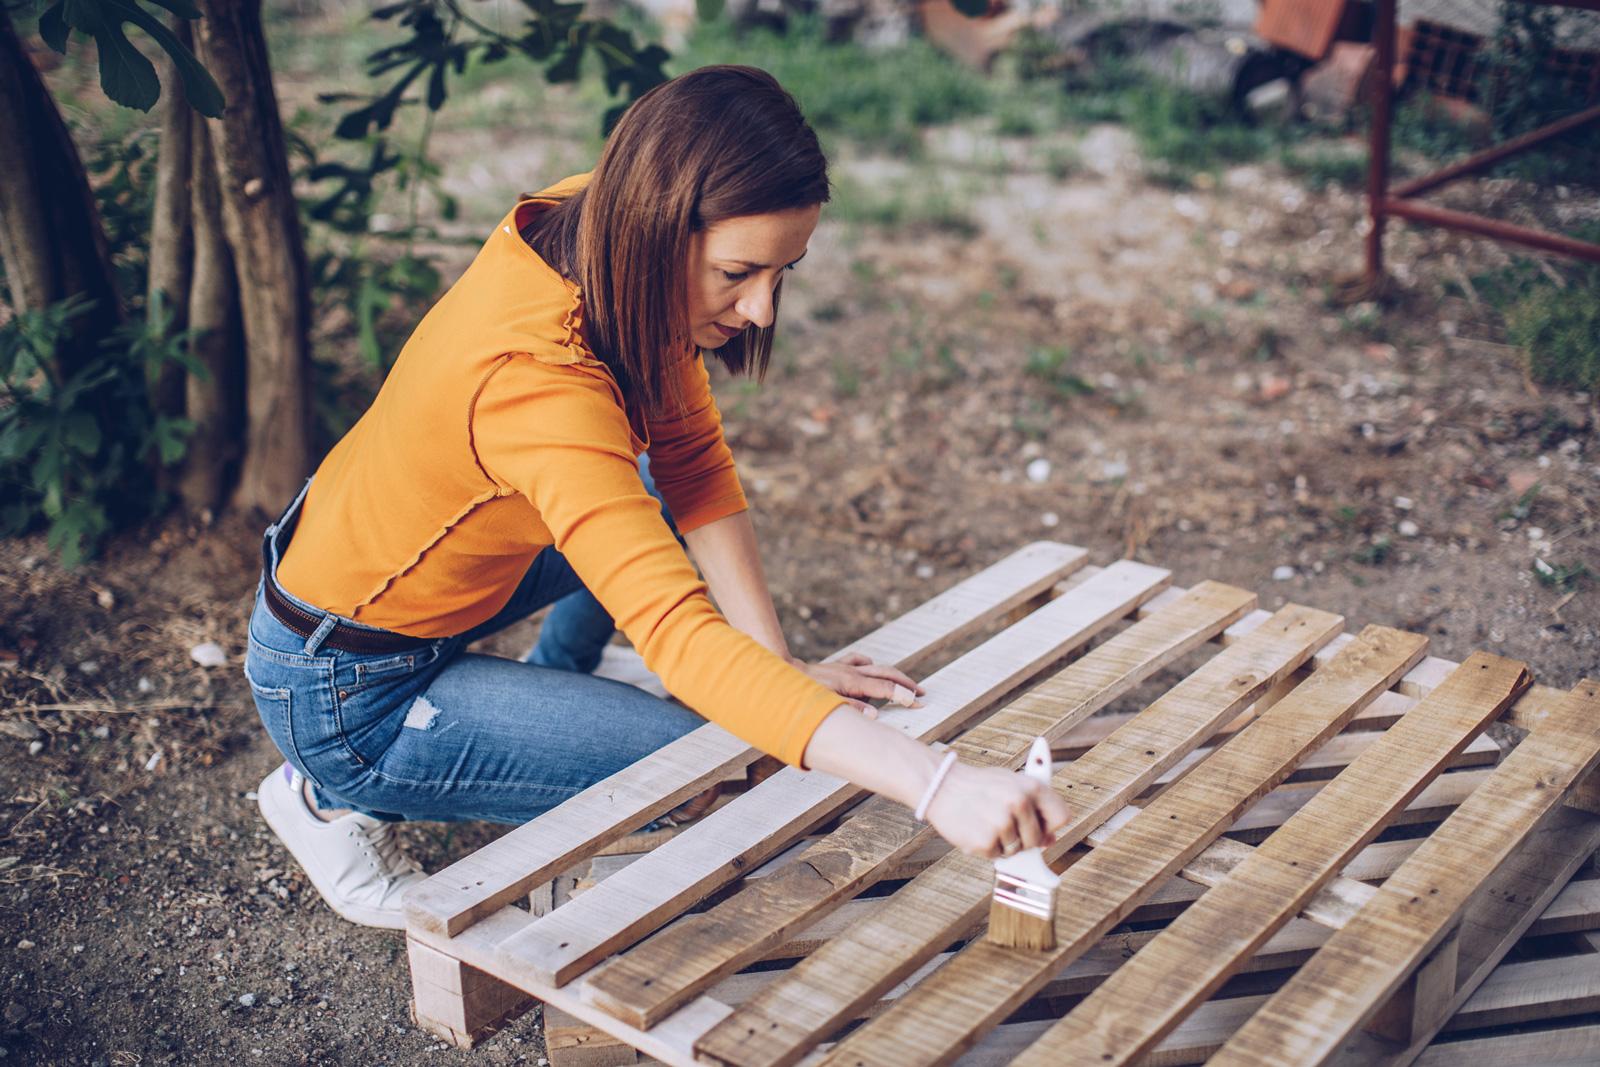 Eine Lasur schützt das Holz und bringt die Maserung zur Geltung.